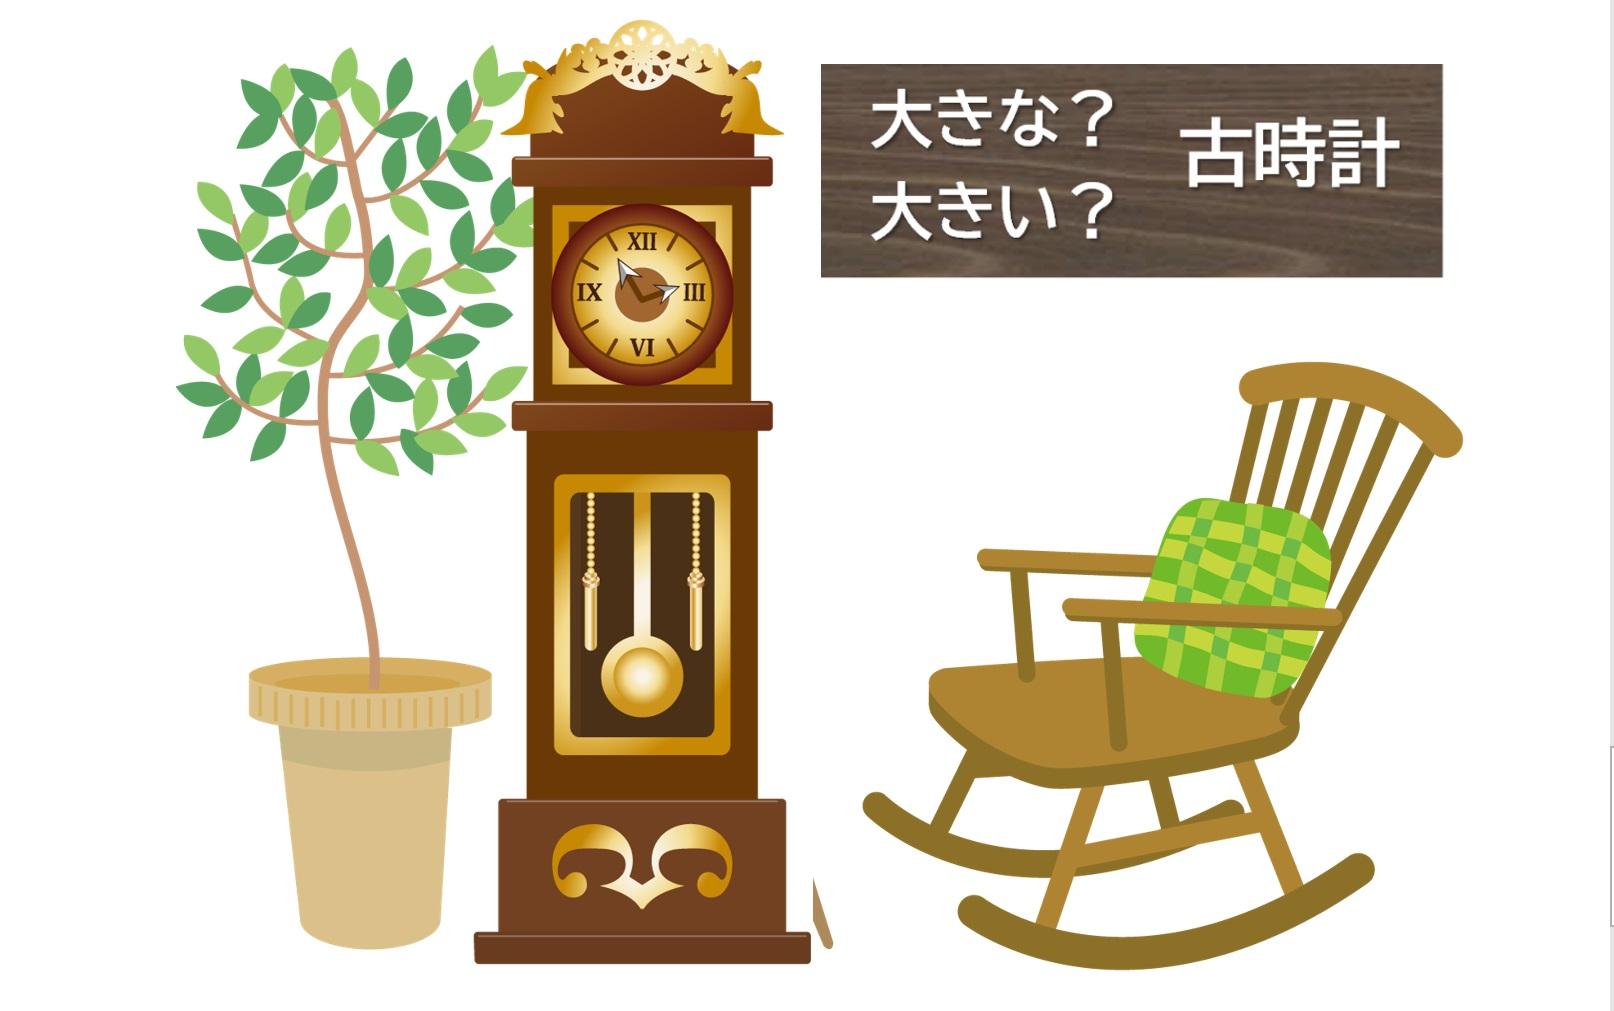 「大きな古時計」か「大きい古時計」